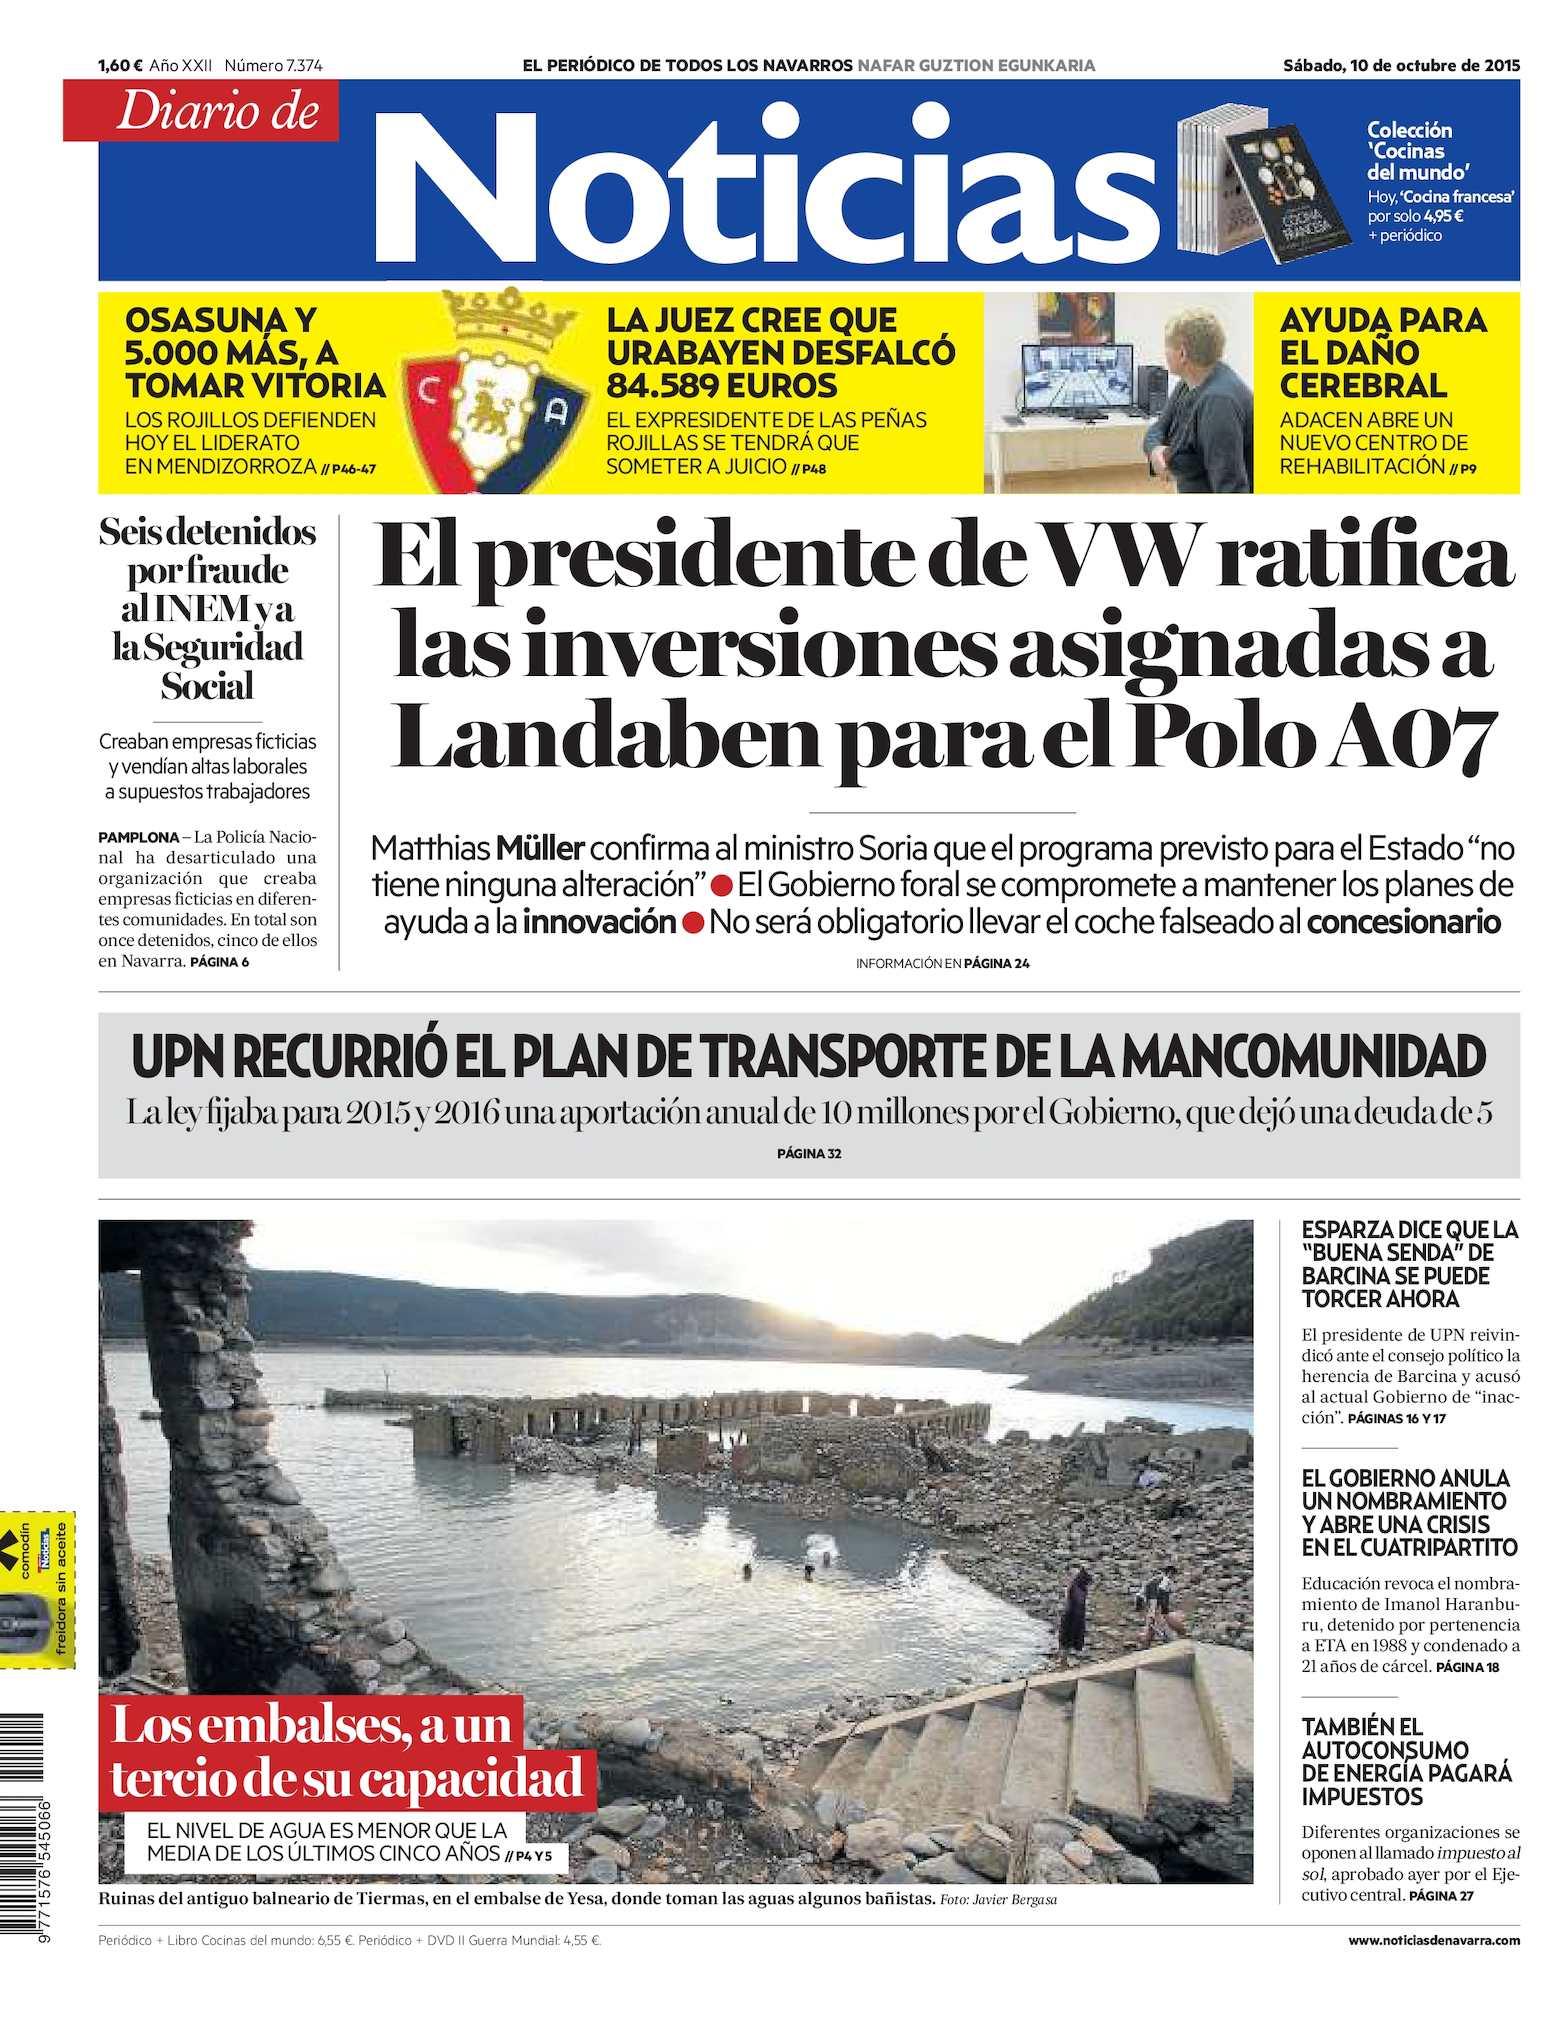 e784a21629d7 Calaméo - Diario de Noticias 20151010